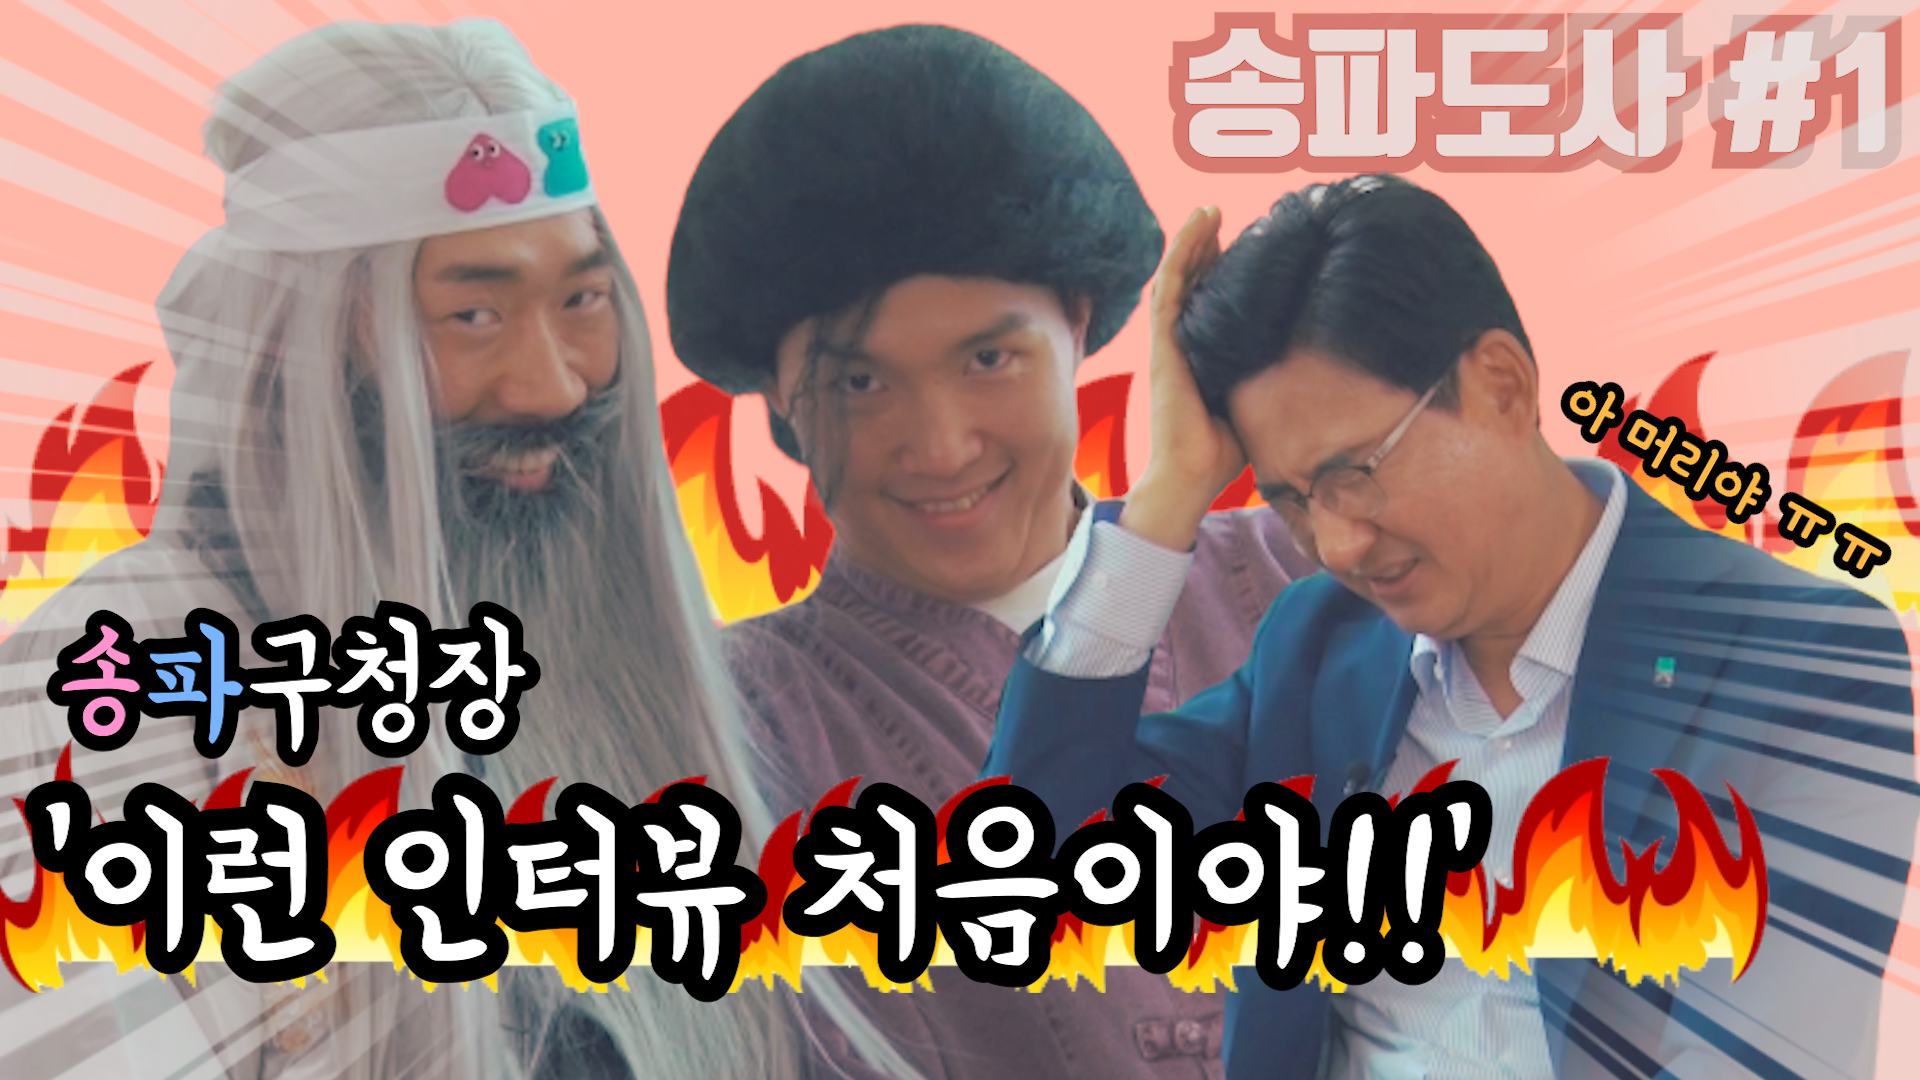 송파도사 인터뷰 ep.1